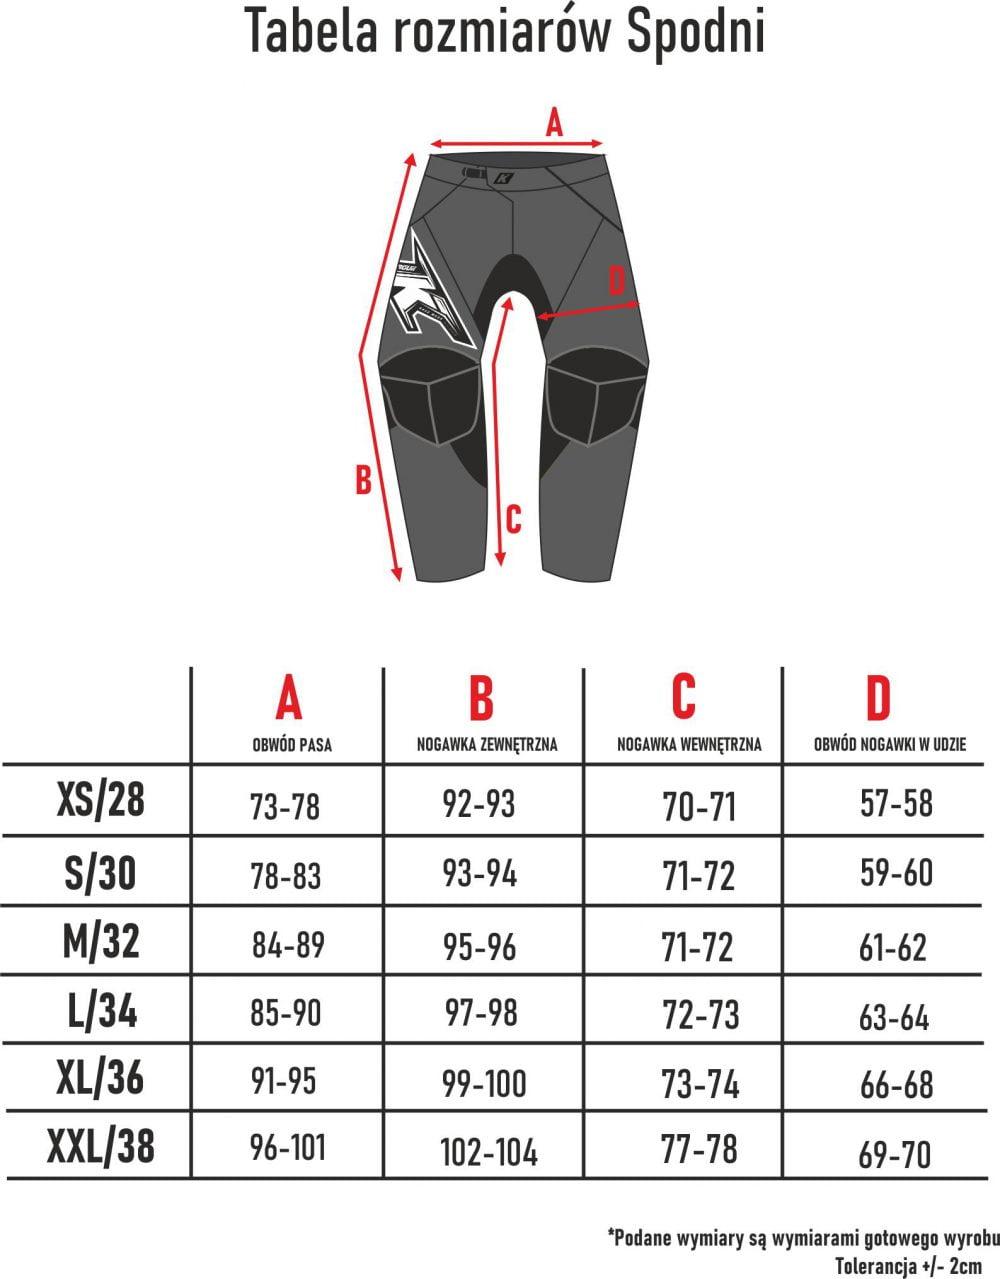 tabela rozmiarów spodni motocyklowych adv